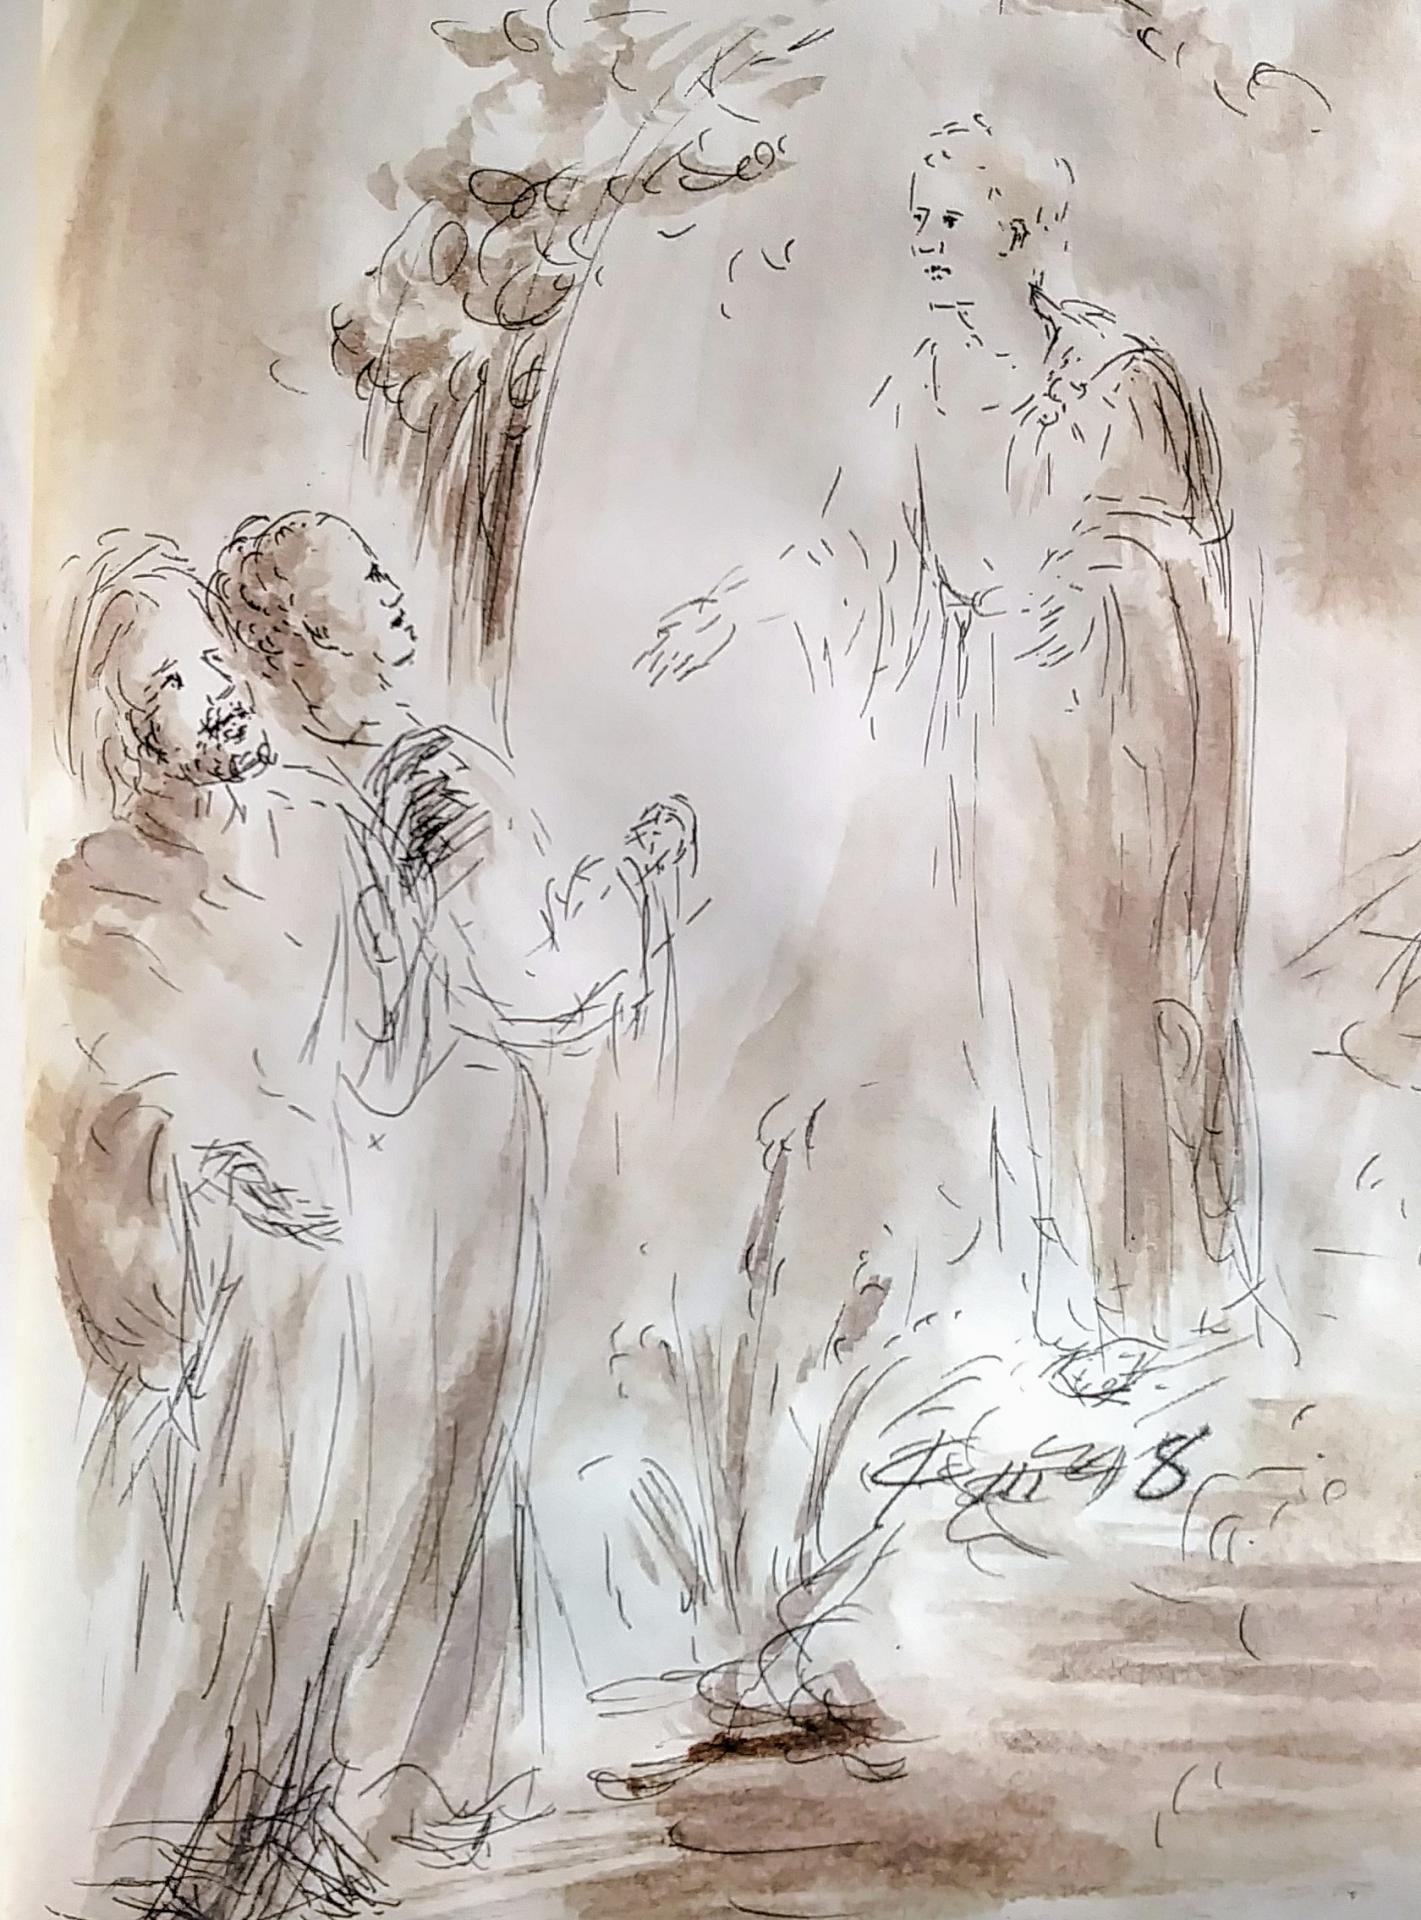 12 Mars, évangile du jour illustré